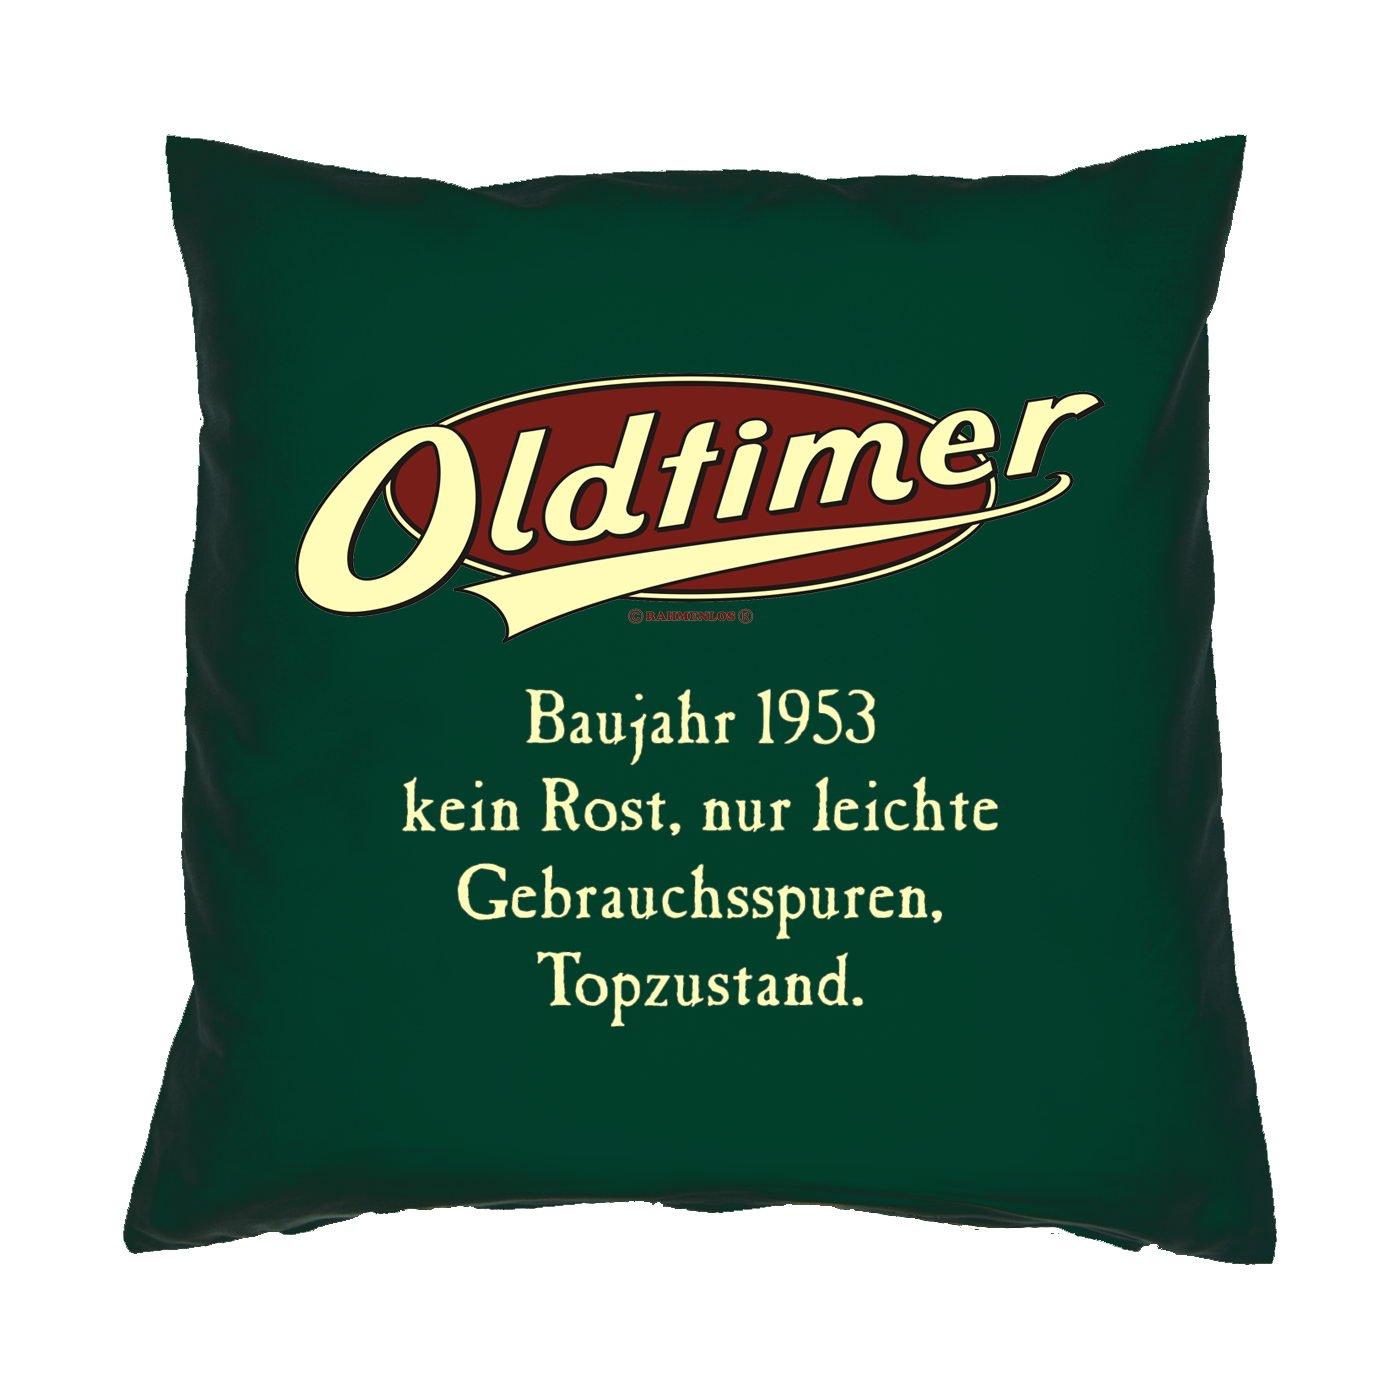 Kissen mit Innenkissen – OLDTIMER BAUJAHR 1953 – kein Rost, nur leichte Gebrauchsspuren, Topzustand. – zum 60. Geburtstag Geschenk – 40 x 40 cm – in dunkel-grün kaufen